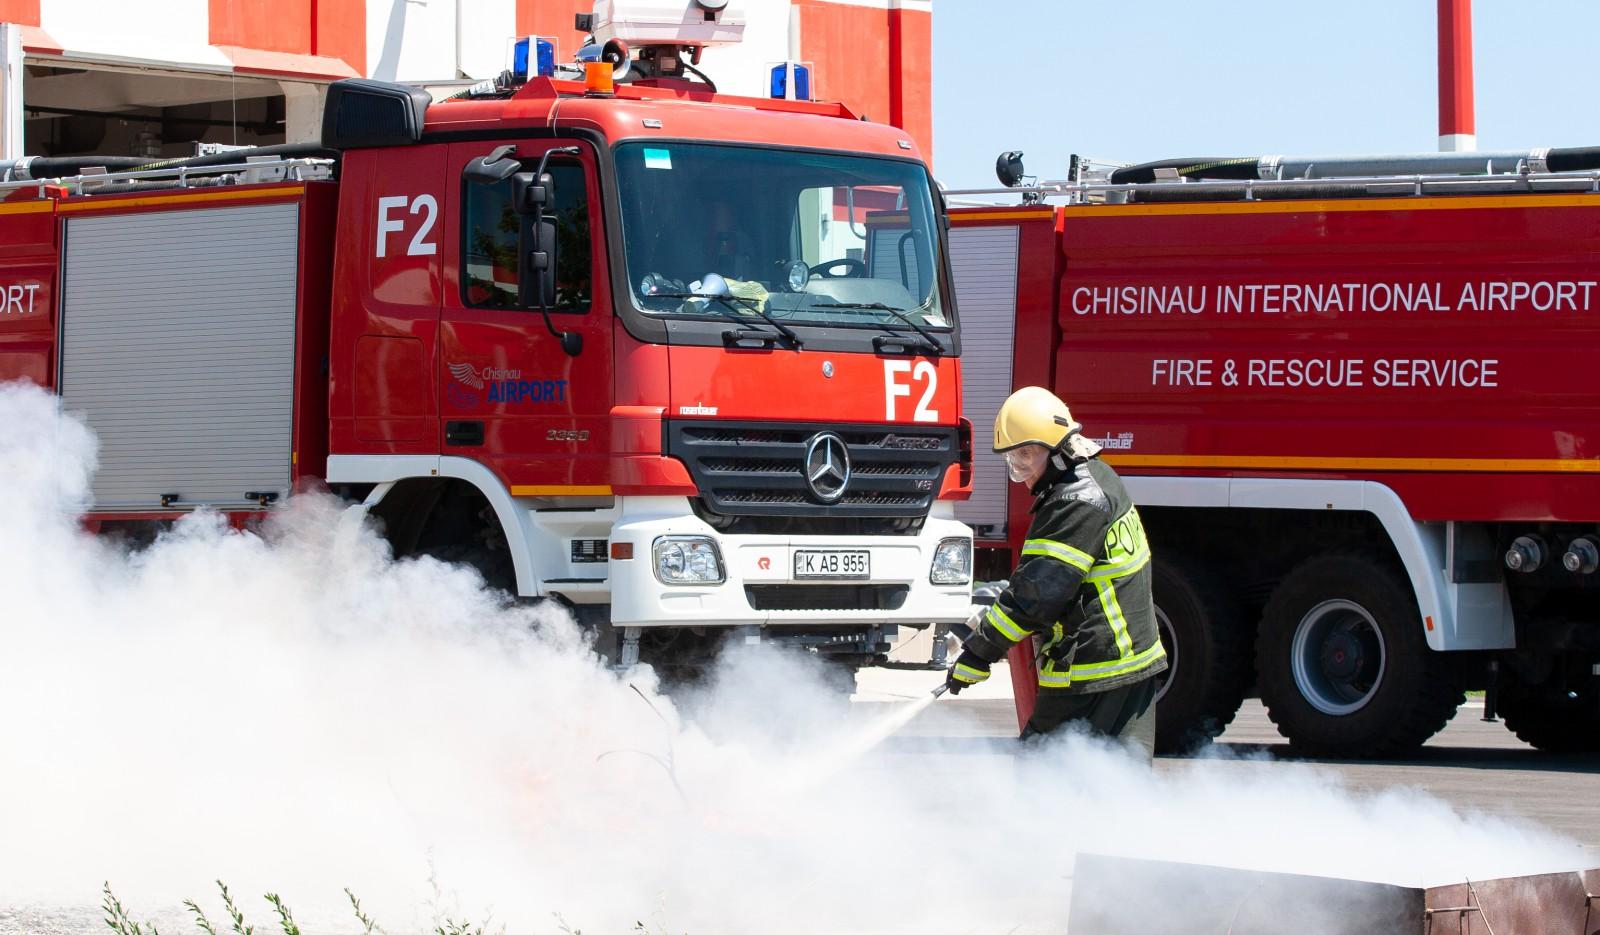 (foto) La Aeroportul Internațional Chișinău a avut loc verificarea serviciilor de salvare și pompieri